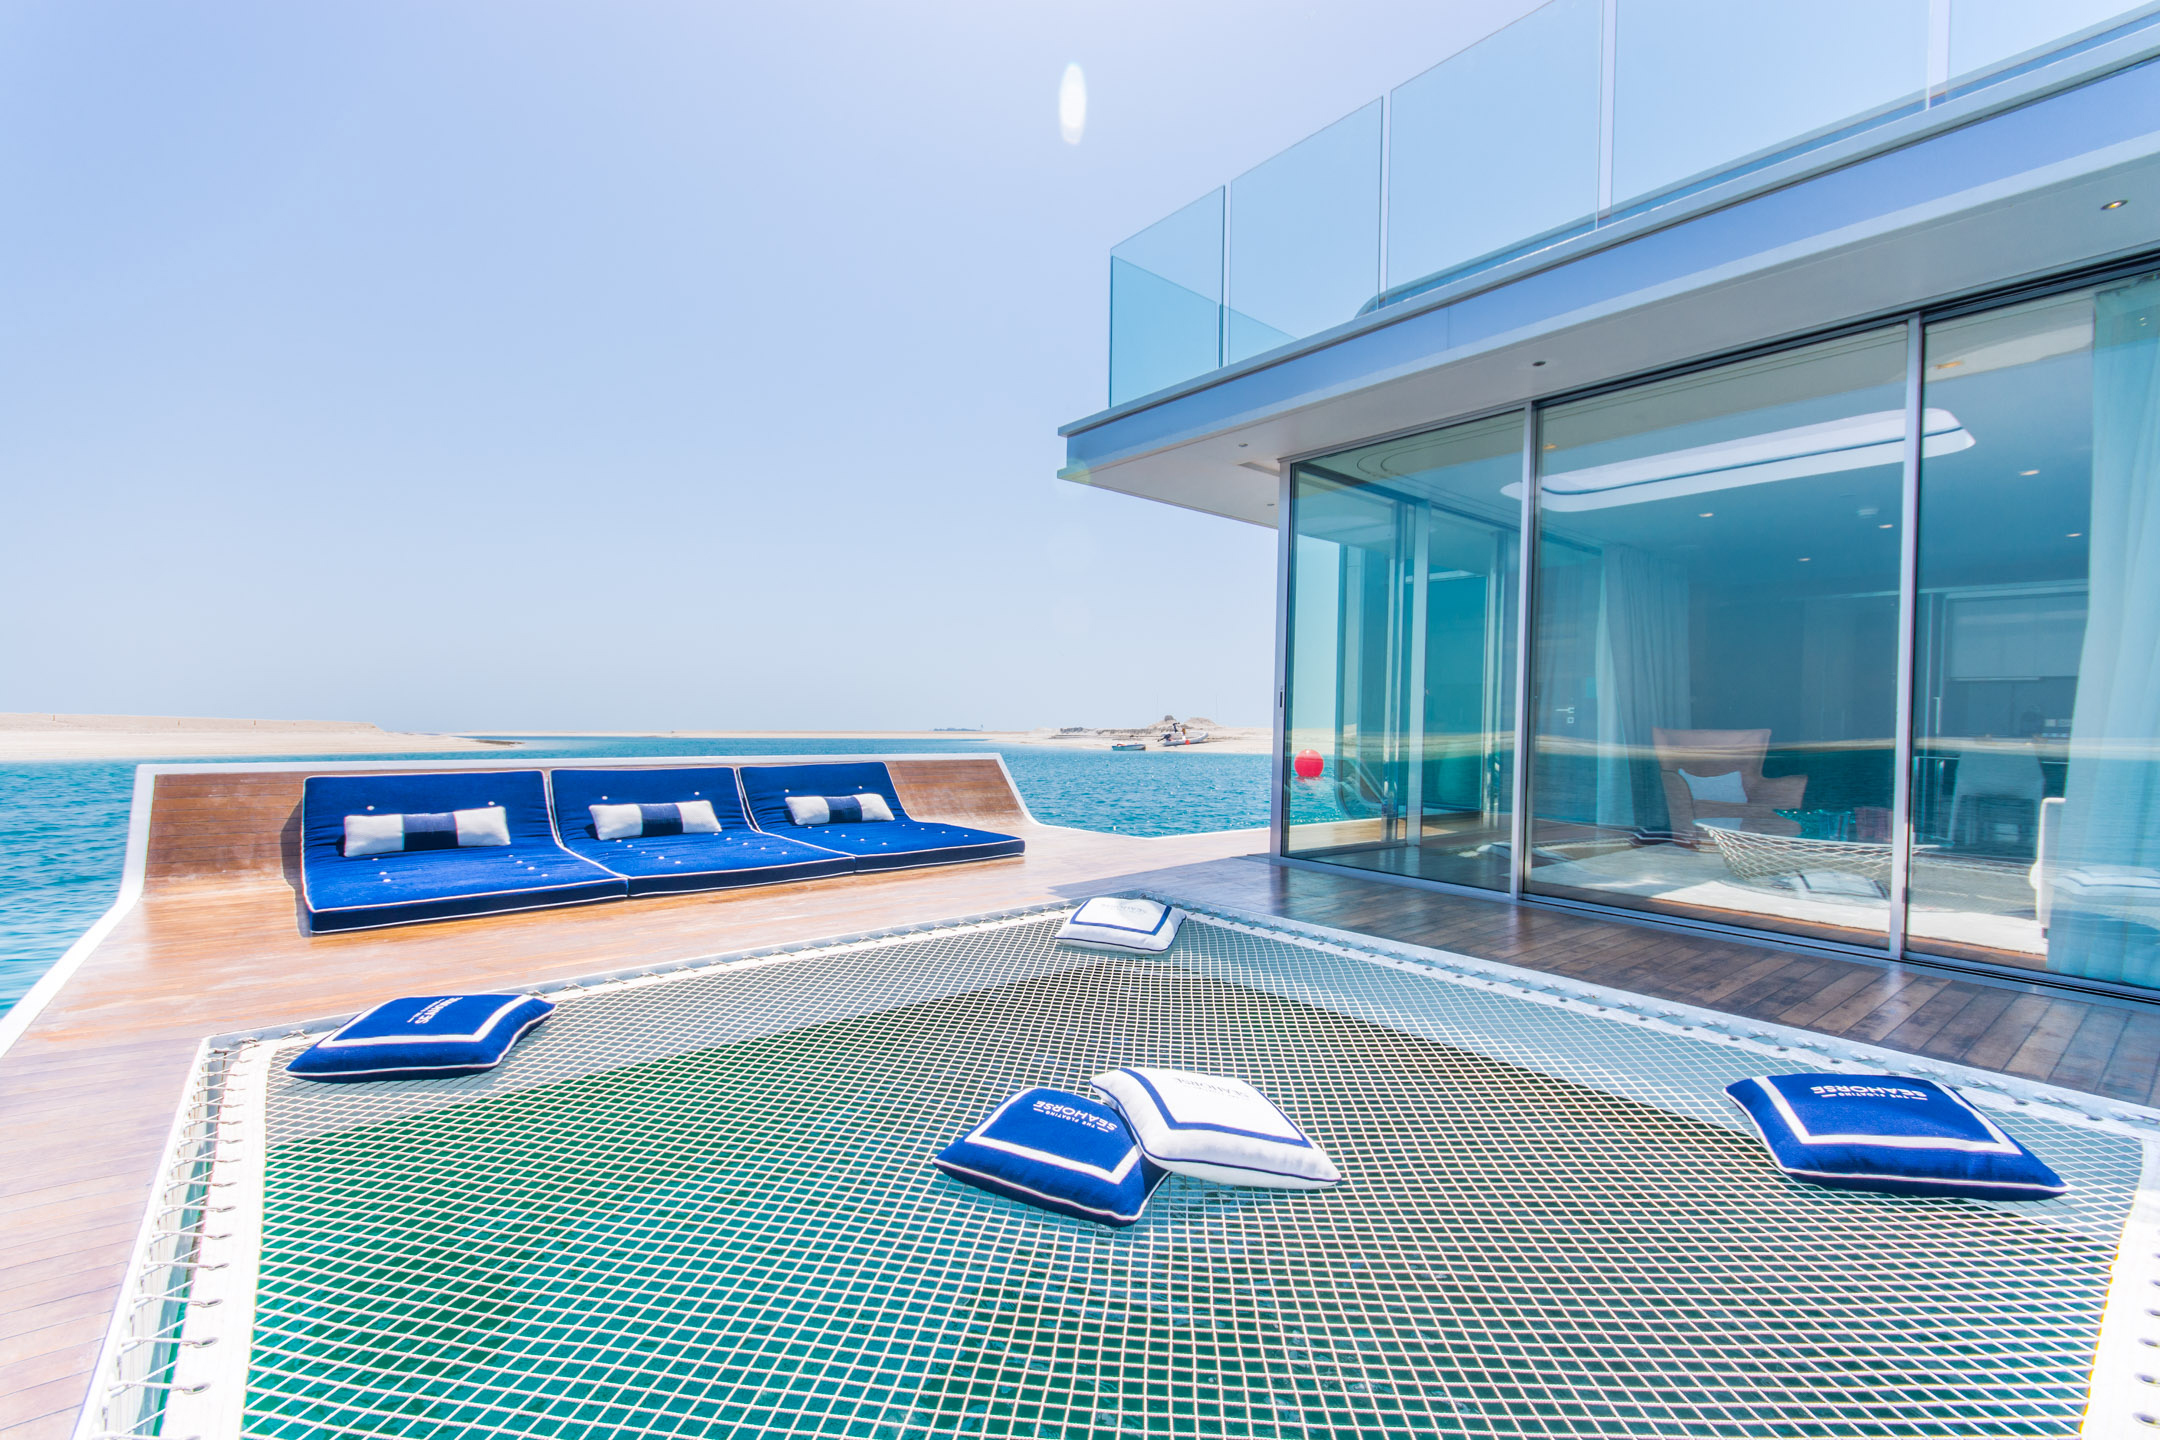 Floating Seahorse, Dubai. Engel & Völkers AG